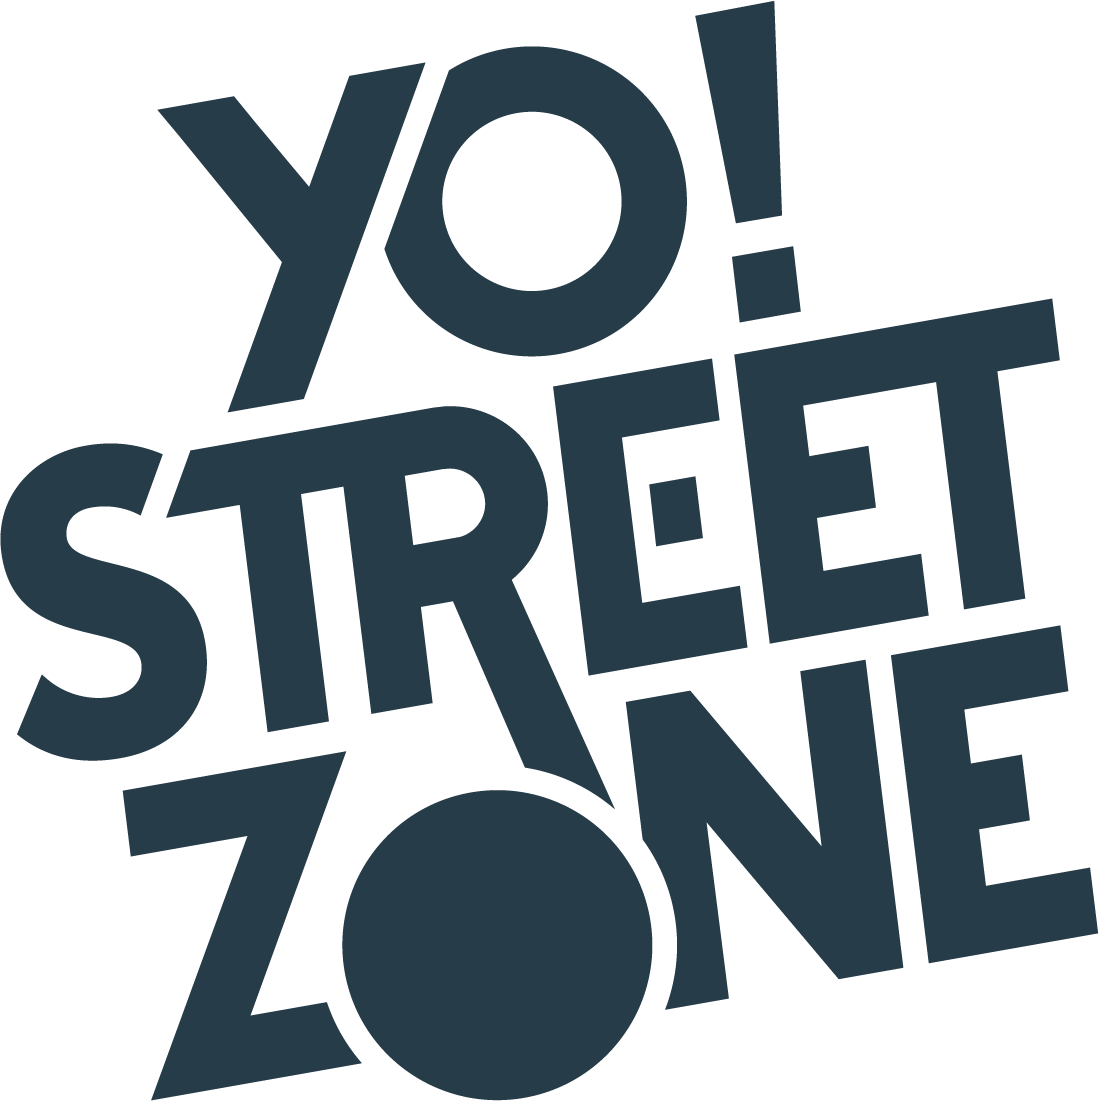 YO STREET ZONE